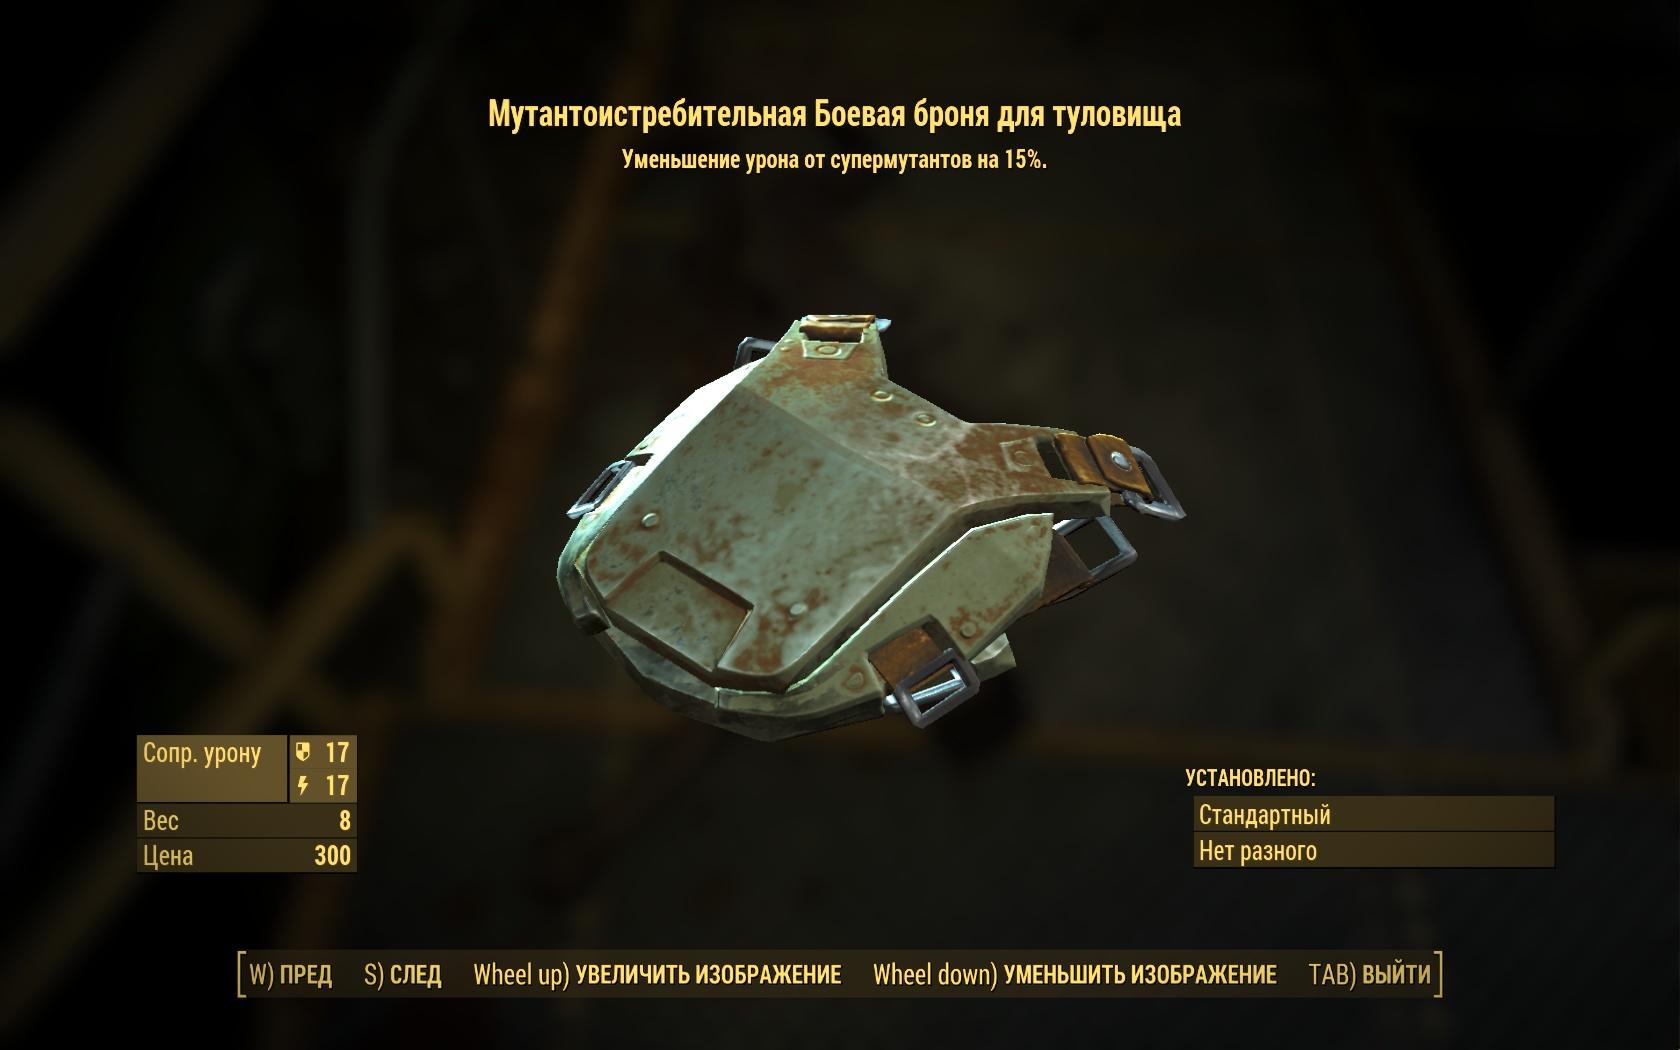 Мутантоистребительная боевая броня для туловища - Fallout 4 броня, Мутантоистребительная, Одежда